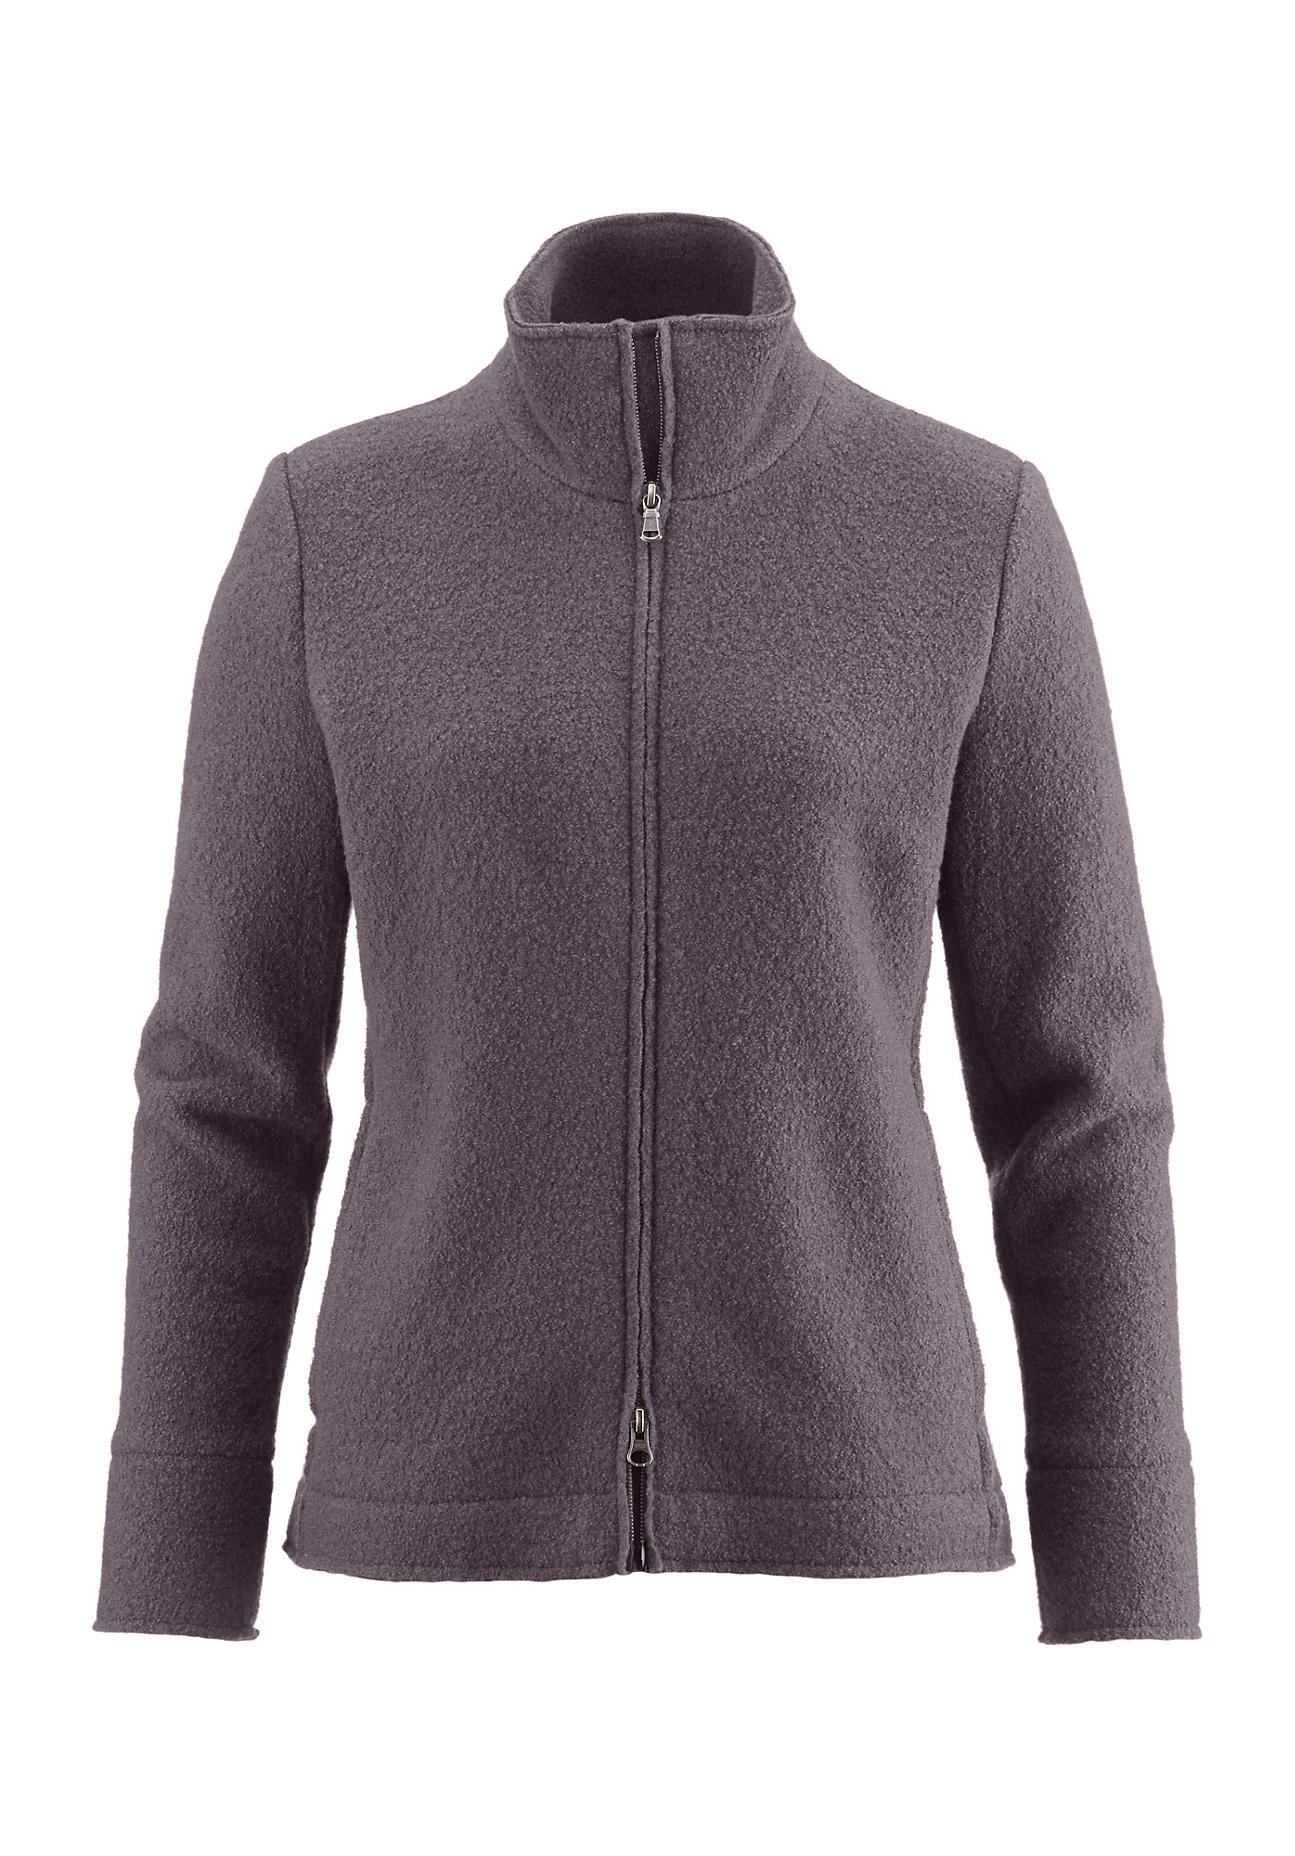 hessnatur Outdoor Damen Walkjacke aus Schurwolle – lila – Größe 34 | Sportbekleidung > Sportjacken > Outdoorjacken | Graulila | Schurwolle | hessnatur